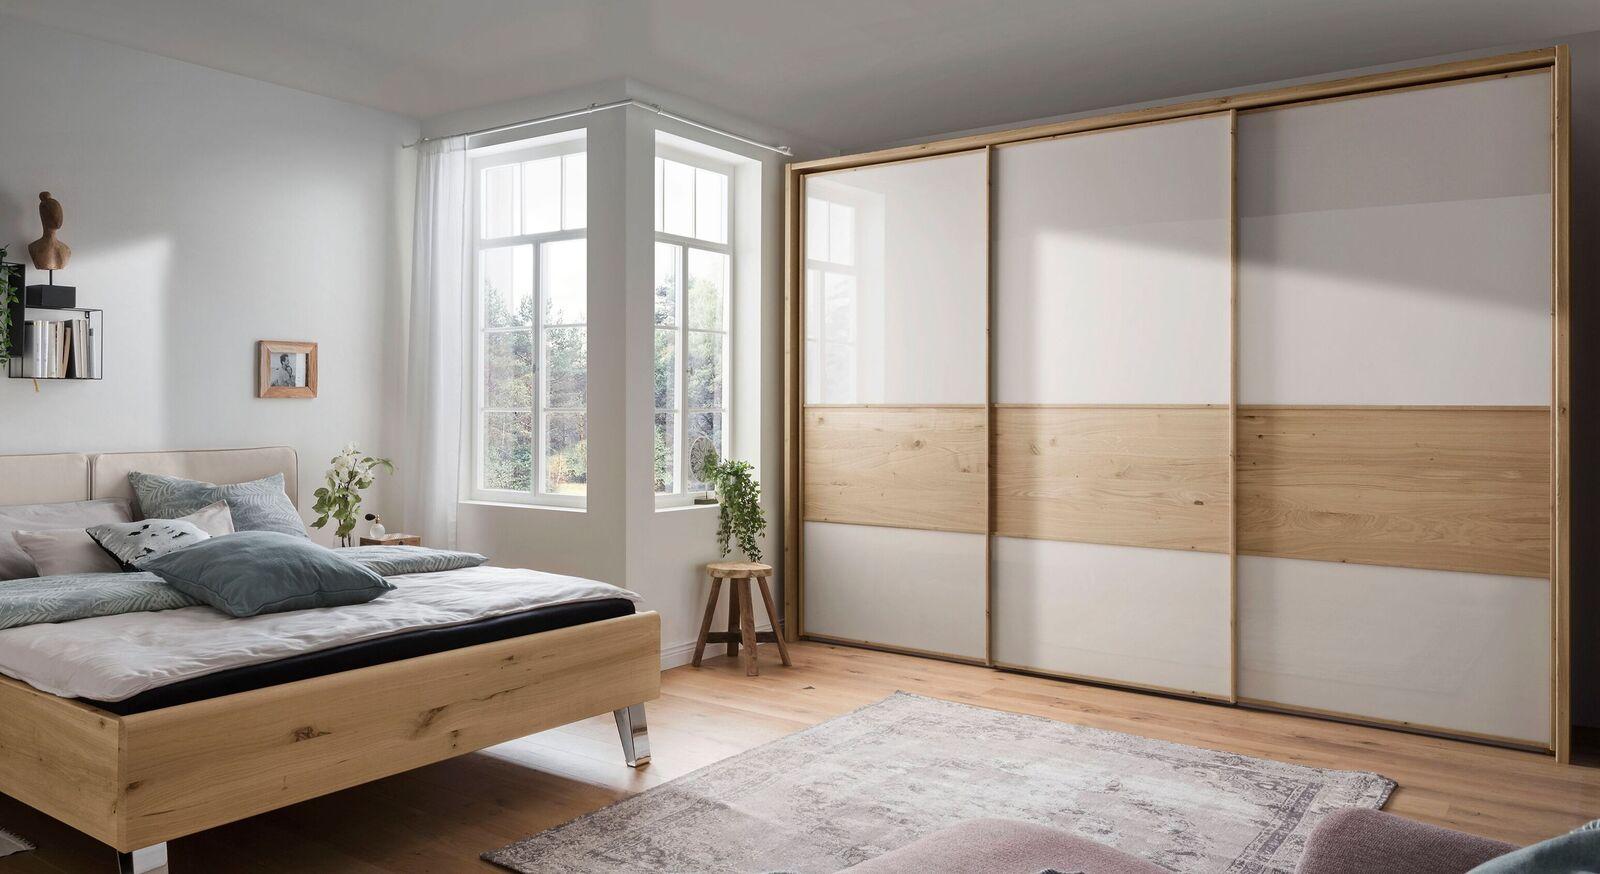 Schwebetüren-Kleiderschrank Corato als Stauraum im Schlafzimmer